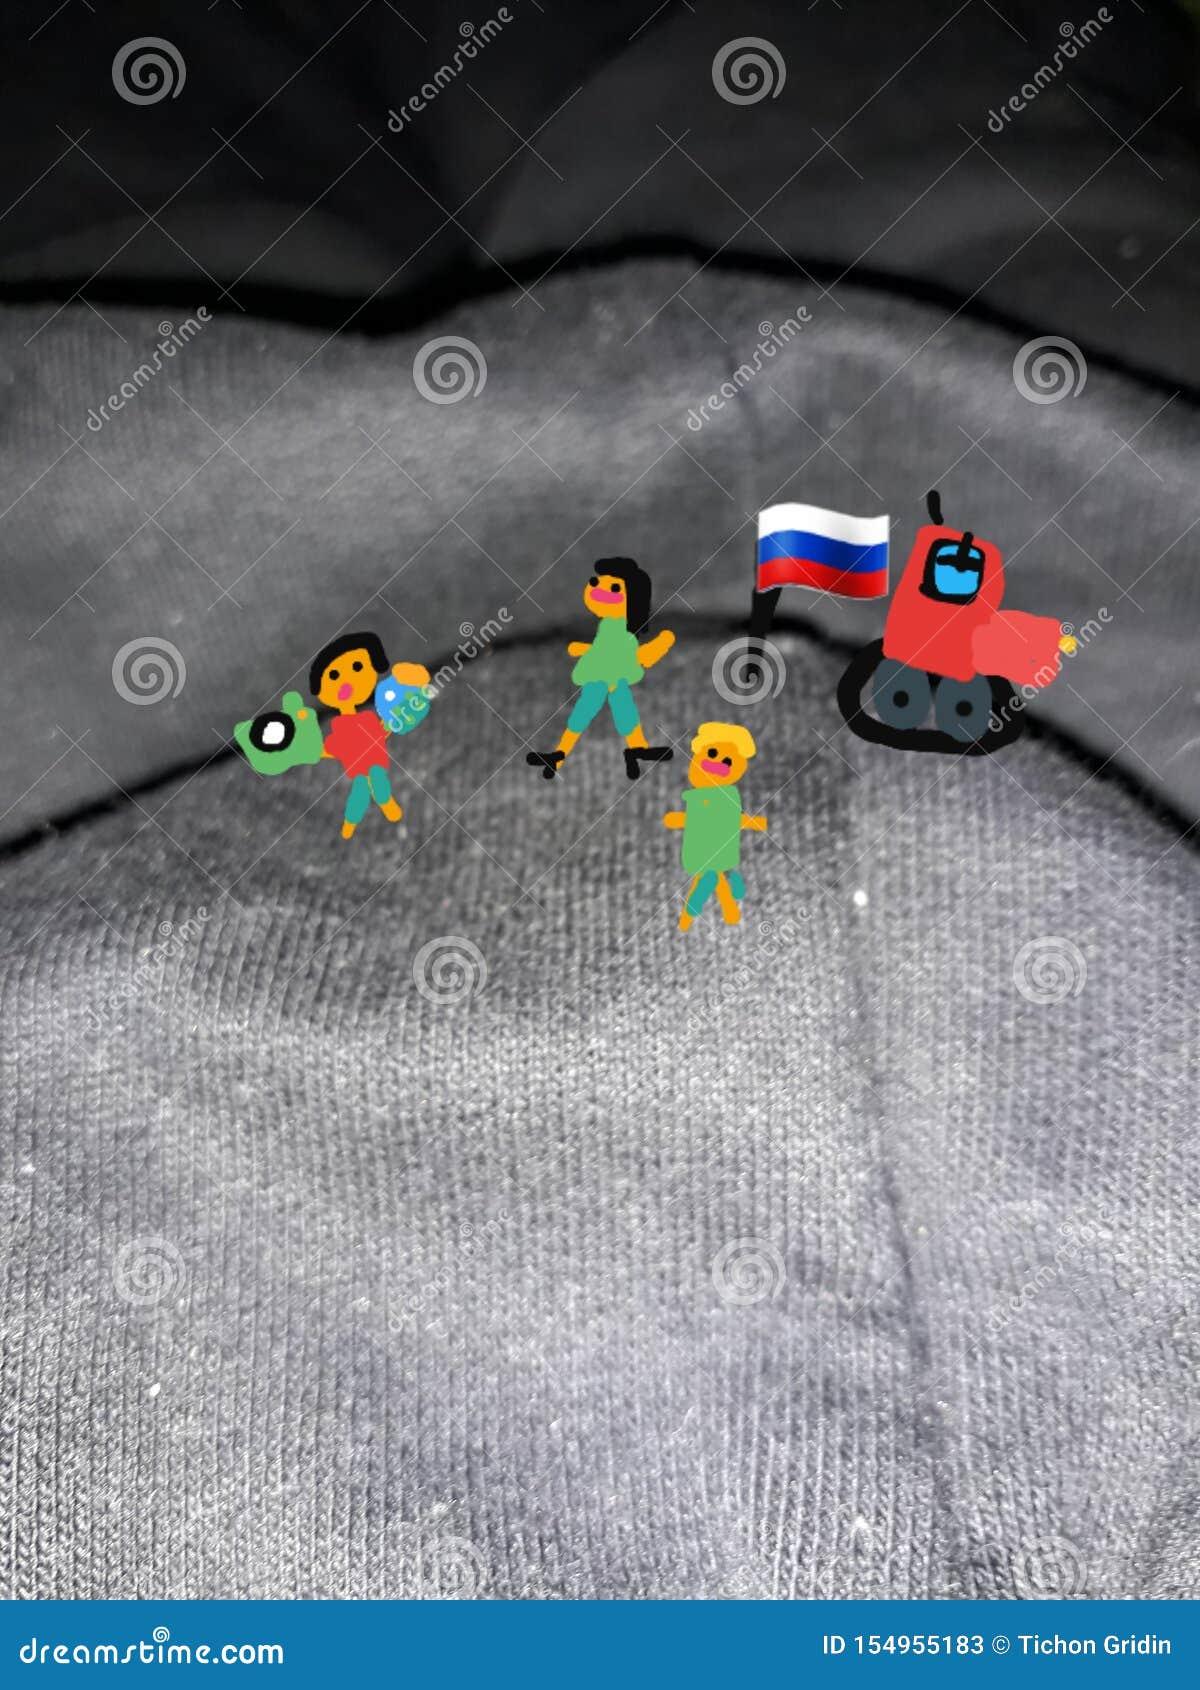 Veroverde berg De Rus kreeg uit de auto en plantte de vlag van tricolor Het trekken van de hand van het kind